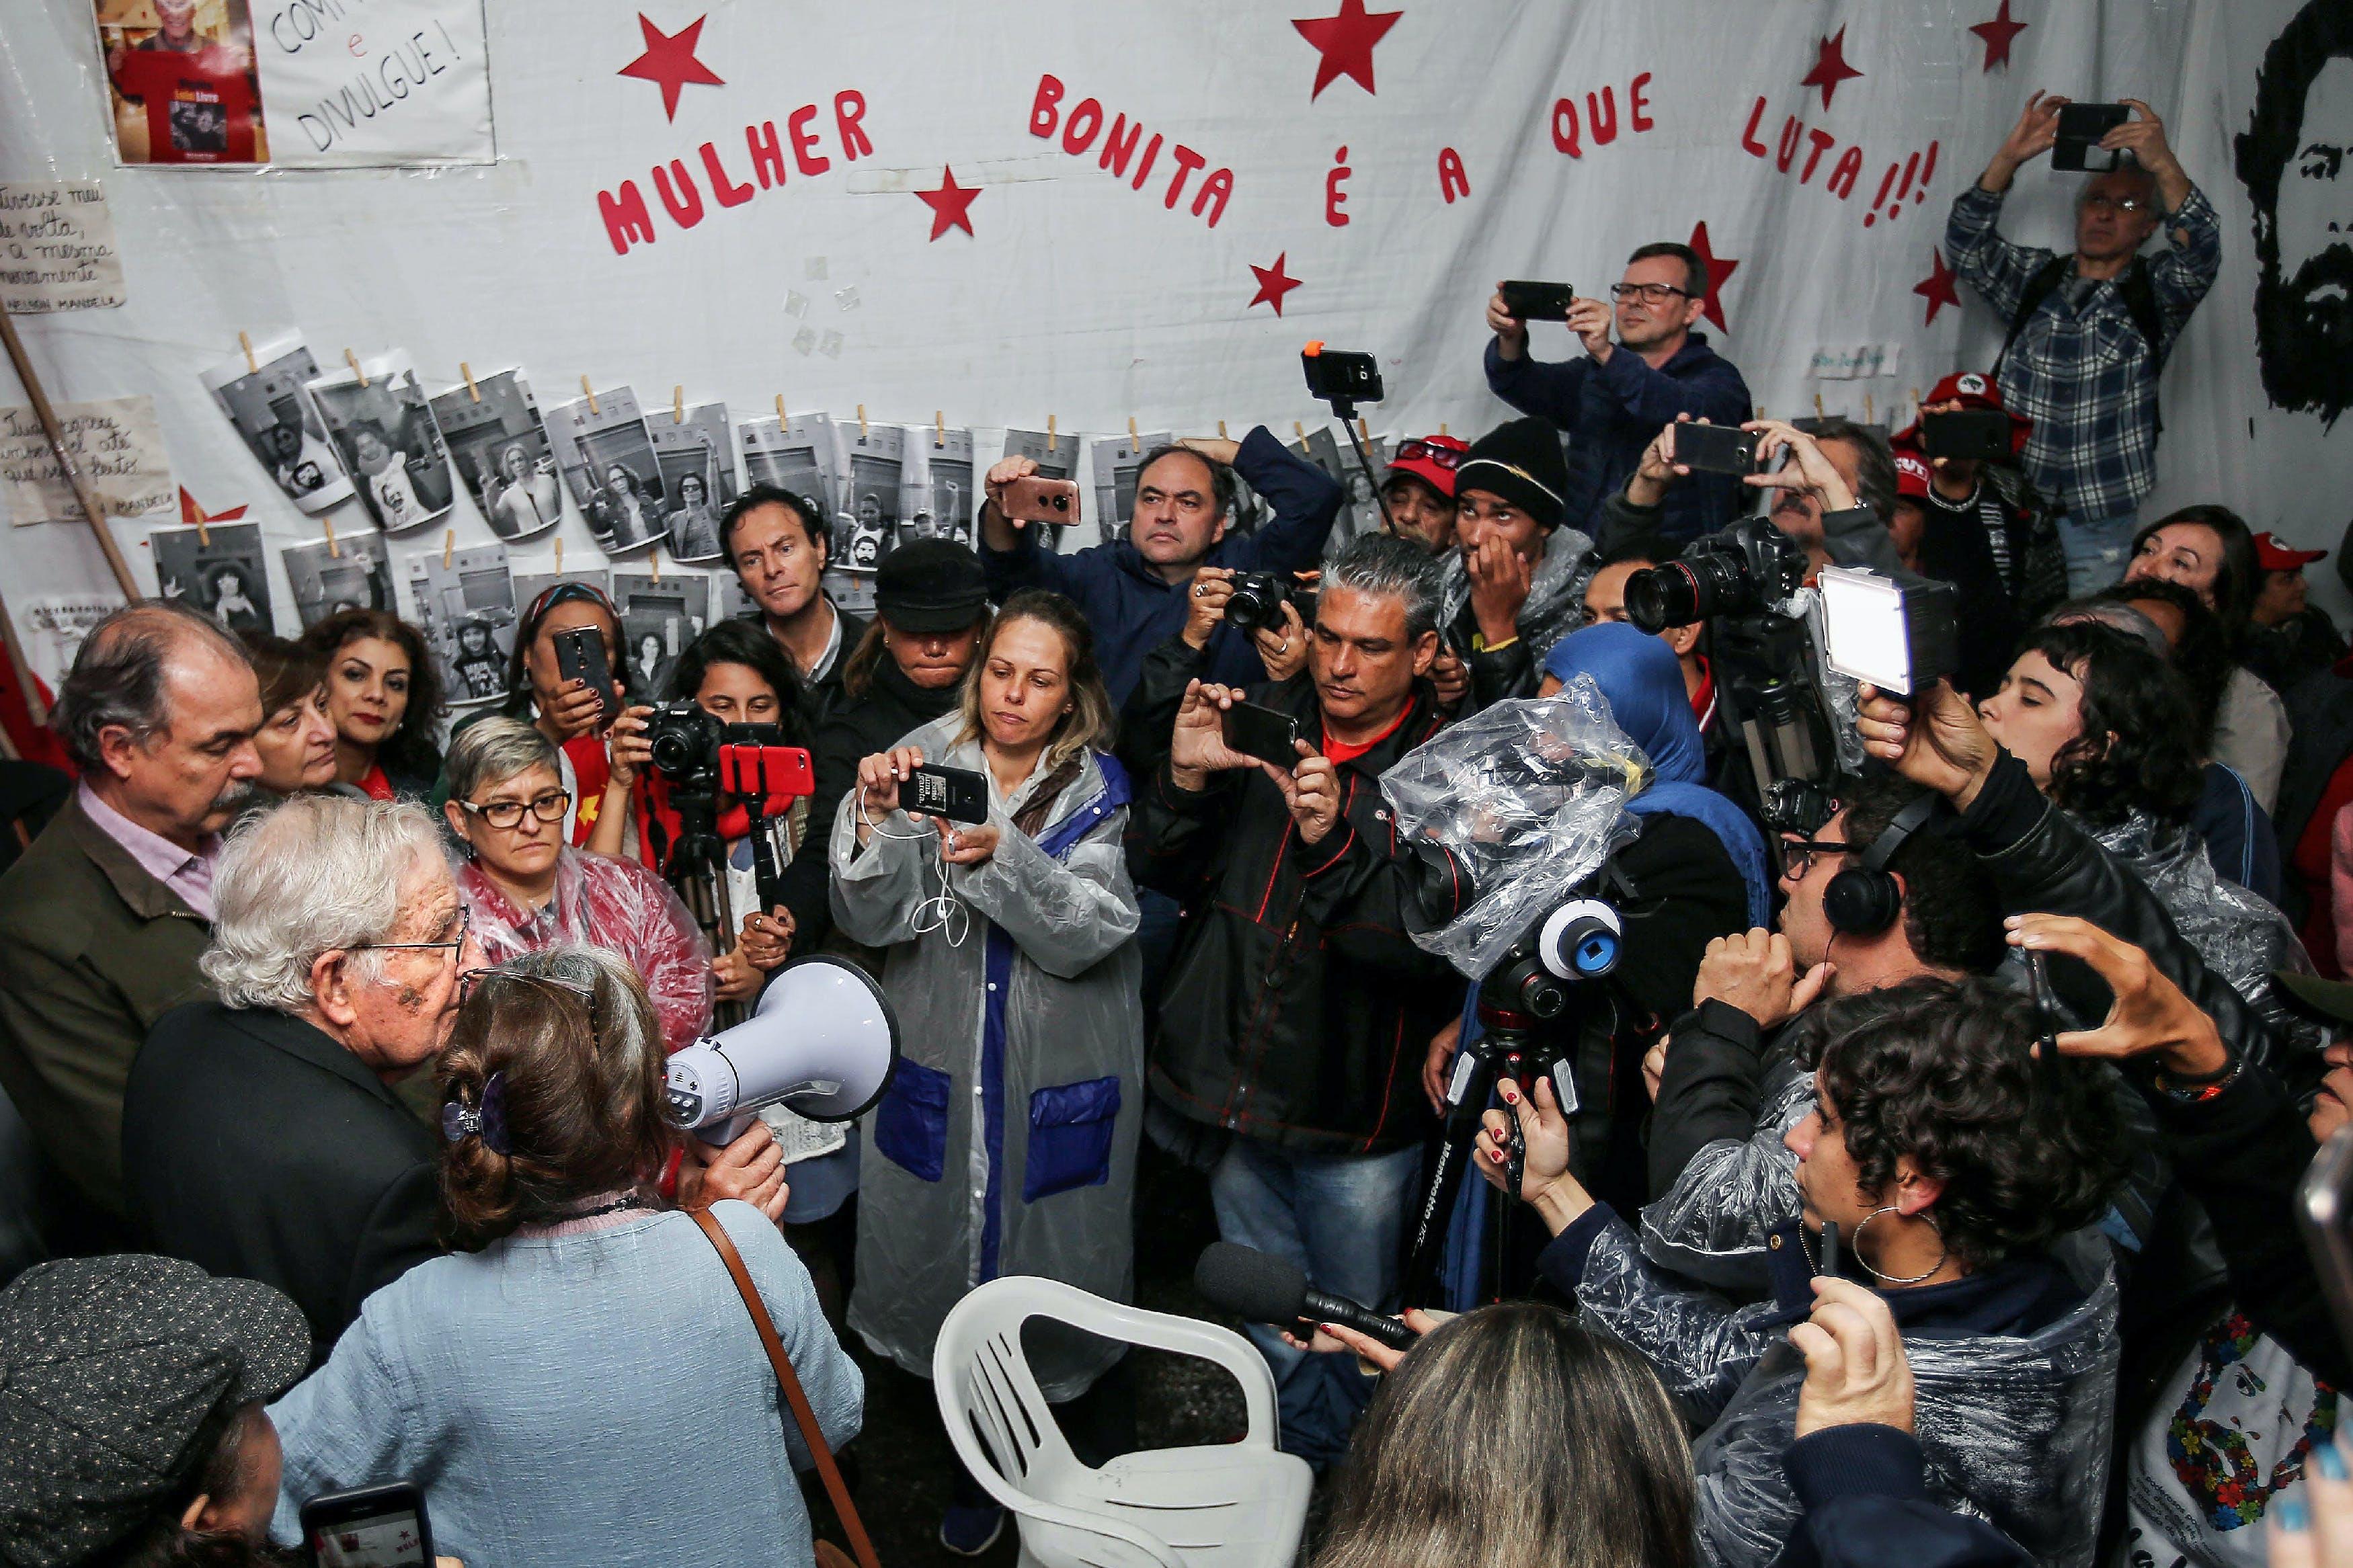 Linguista americano e ativista político, Noam Chomsky (à esquerda) fala com militantes do PT depois de visitar o presidente Luiz Inácio Lula da Silva na prisão no dia 20 setembro.